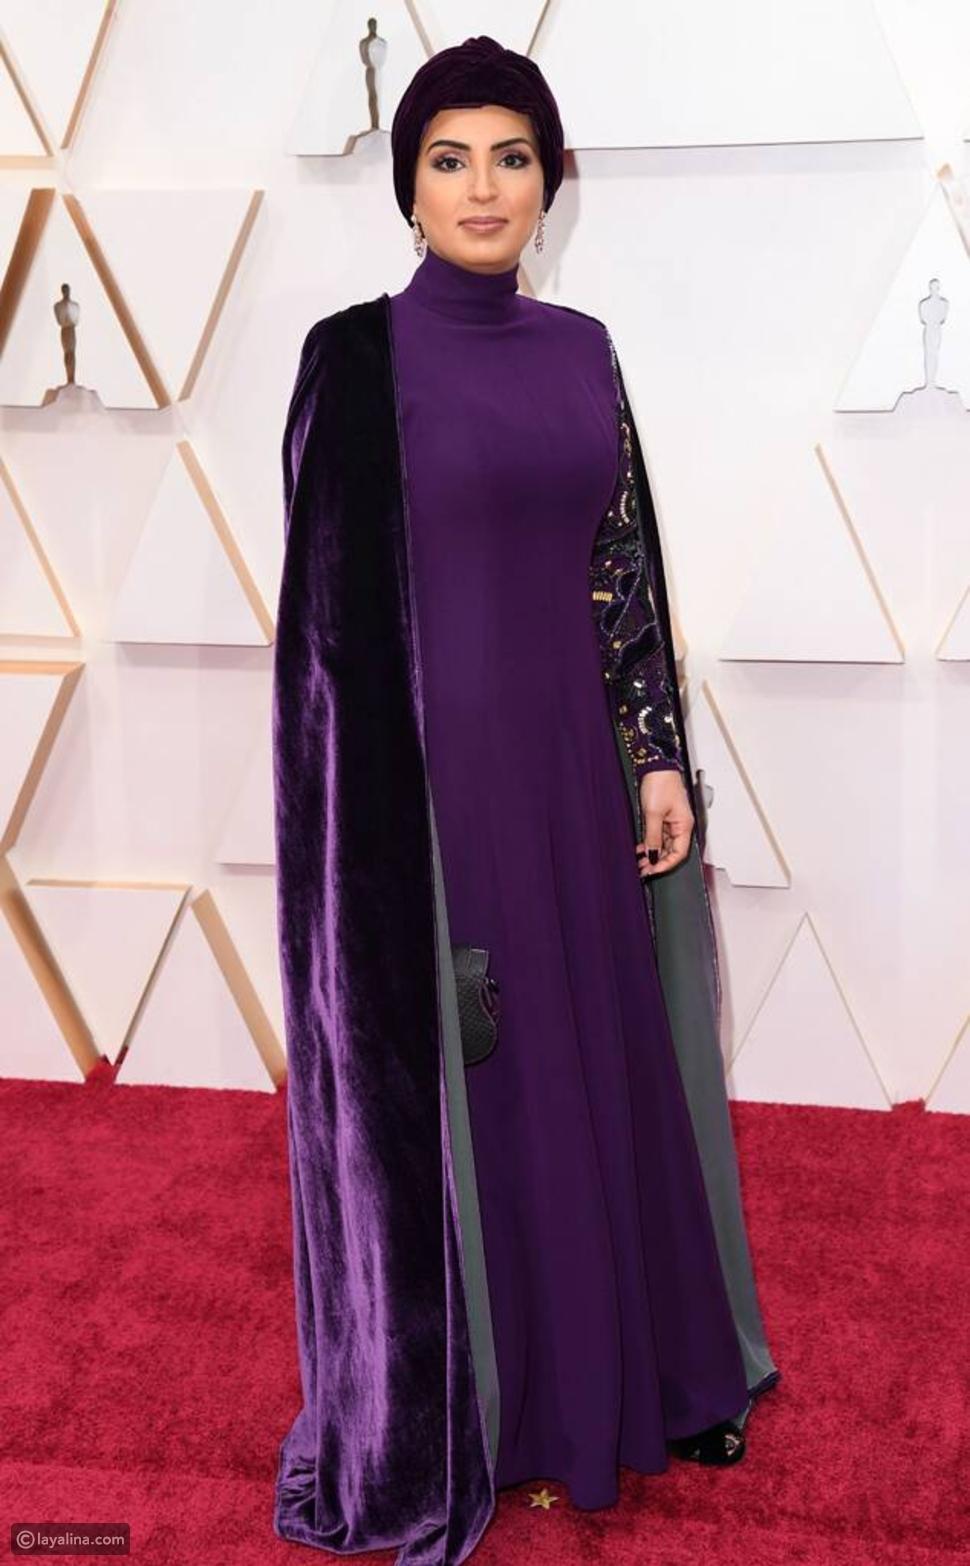 بالحجاب: هذه النجمة تلفت الأنظار خلال حفل الأوسكار 2020